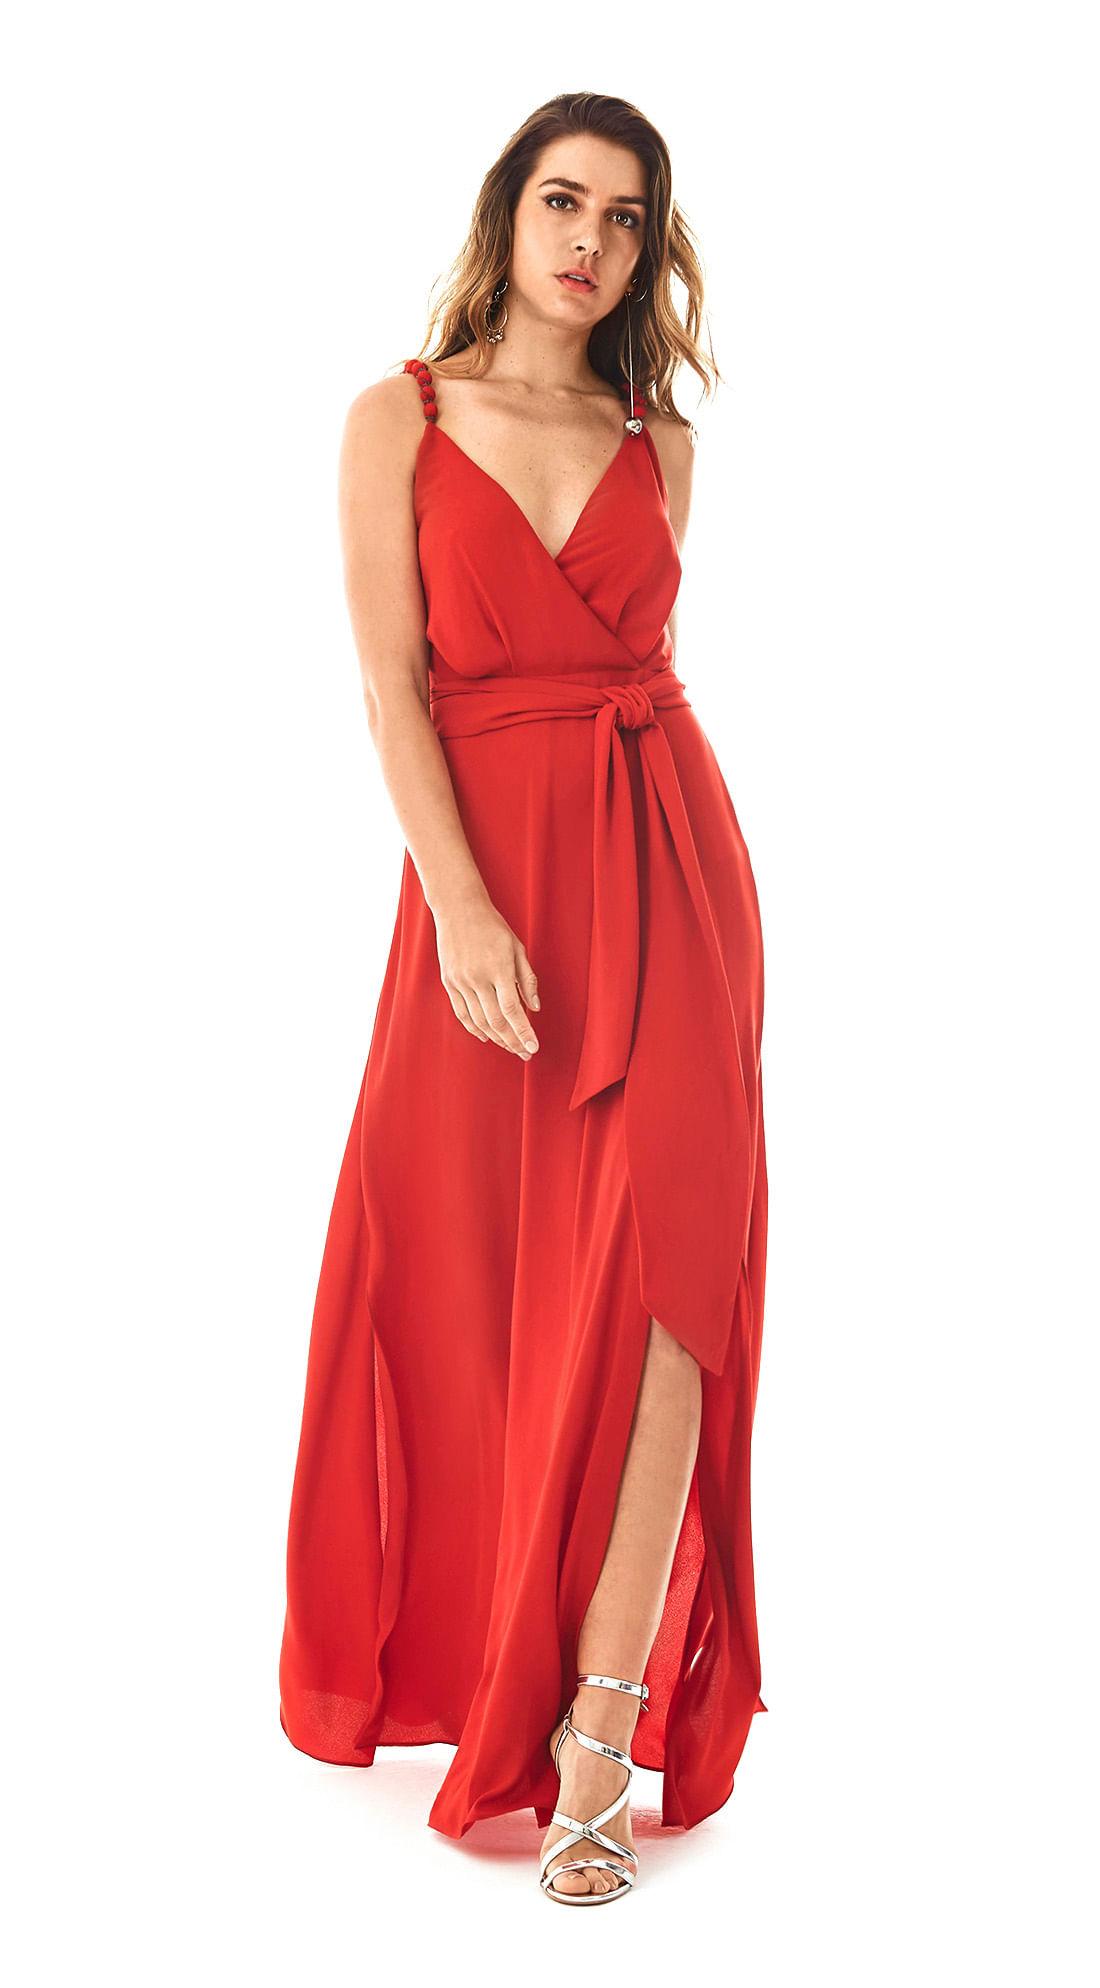 a80ee31a25 Vestido Longo Decote V Bordado Vermelho - morenarosa